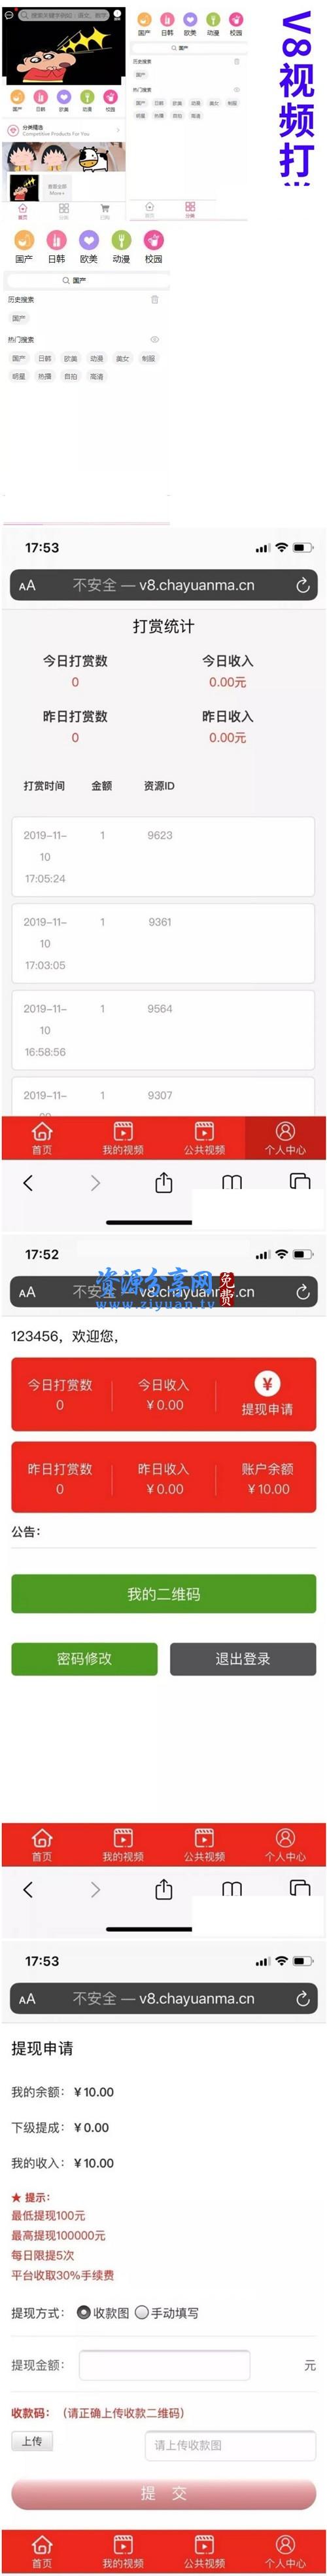 2019 云赏 V8.1 视频付费打赏源码